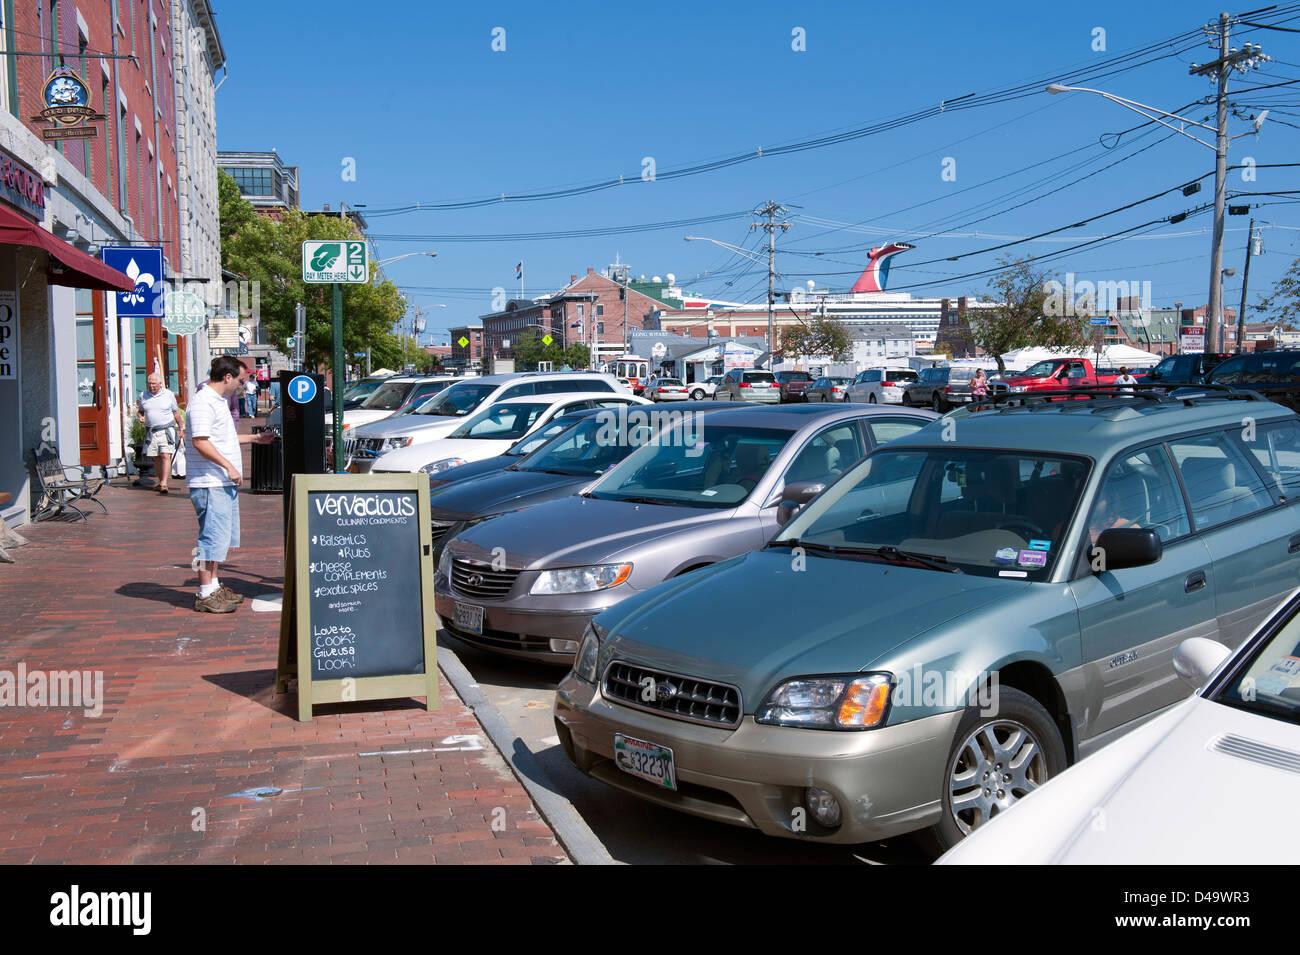 L'homme d'acheter un ticket de parking à partir d'un distributeur automatique dans le centre-ville de Portland, Maine, USA. Banque D'Images